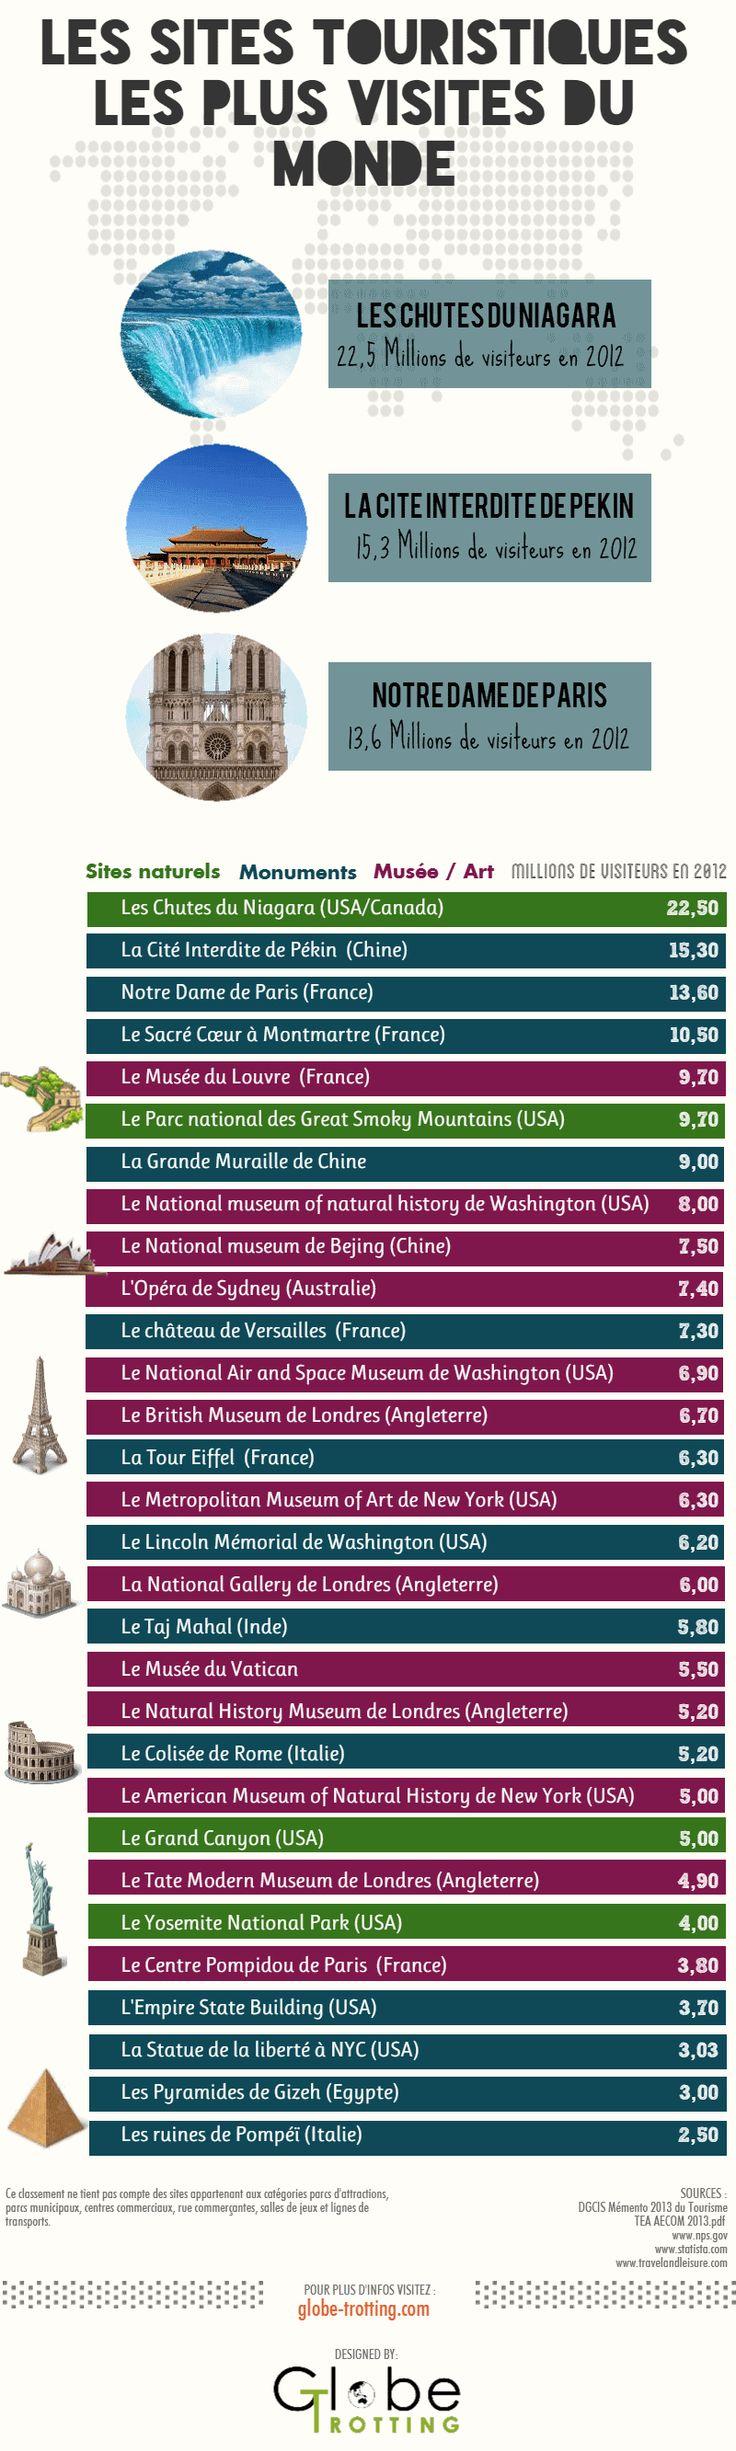 Les sites touristiques les plus visités au monde en 2013